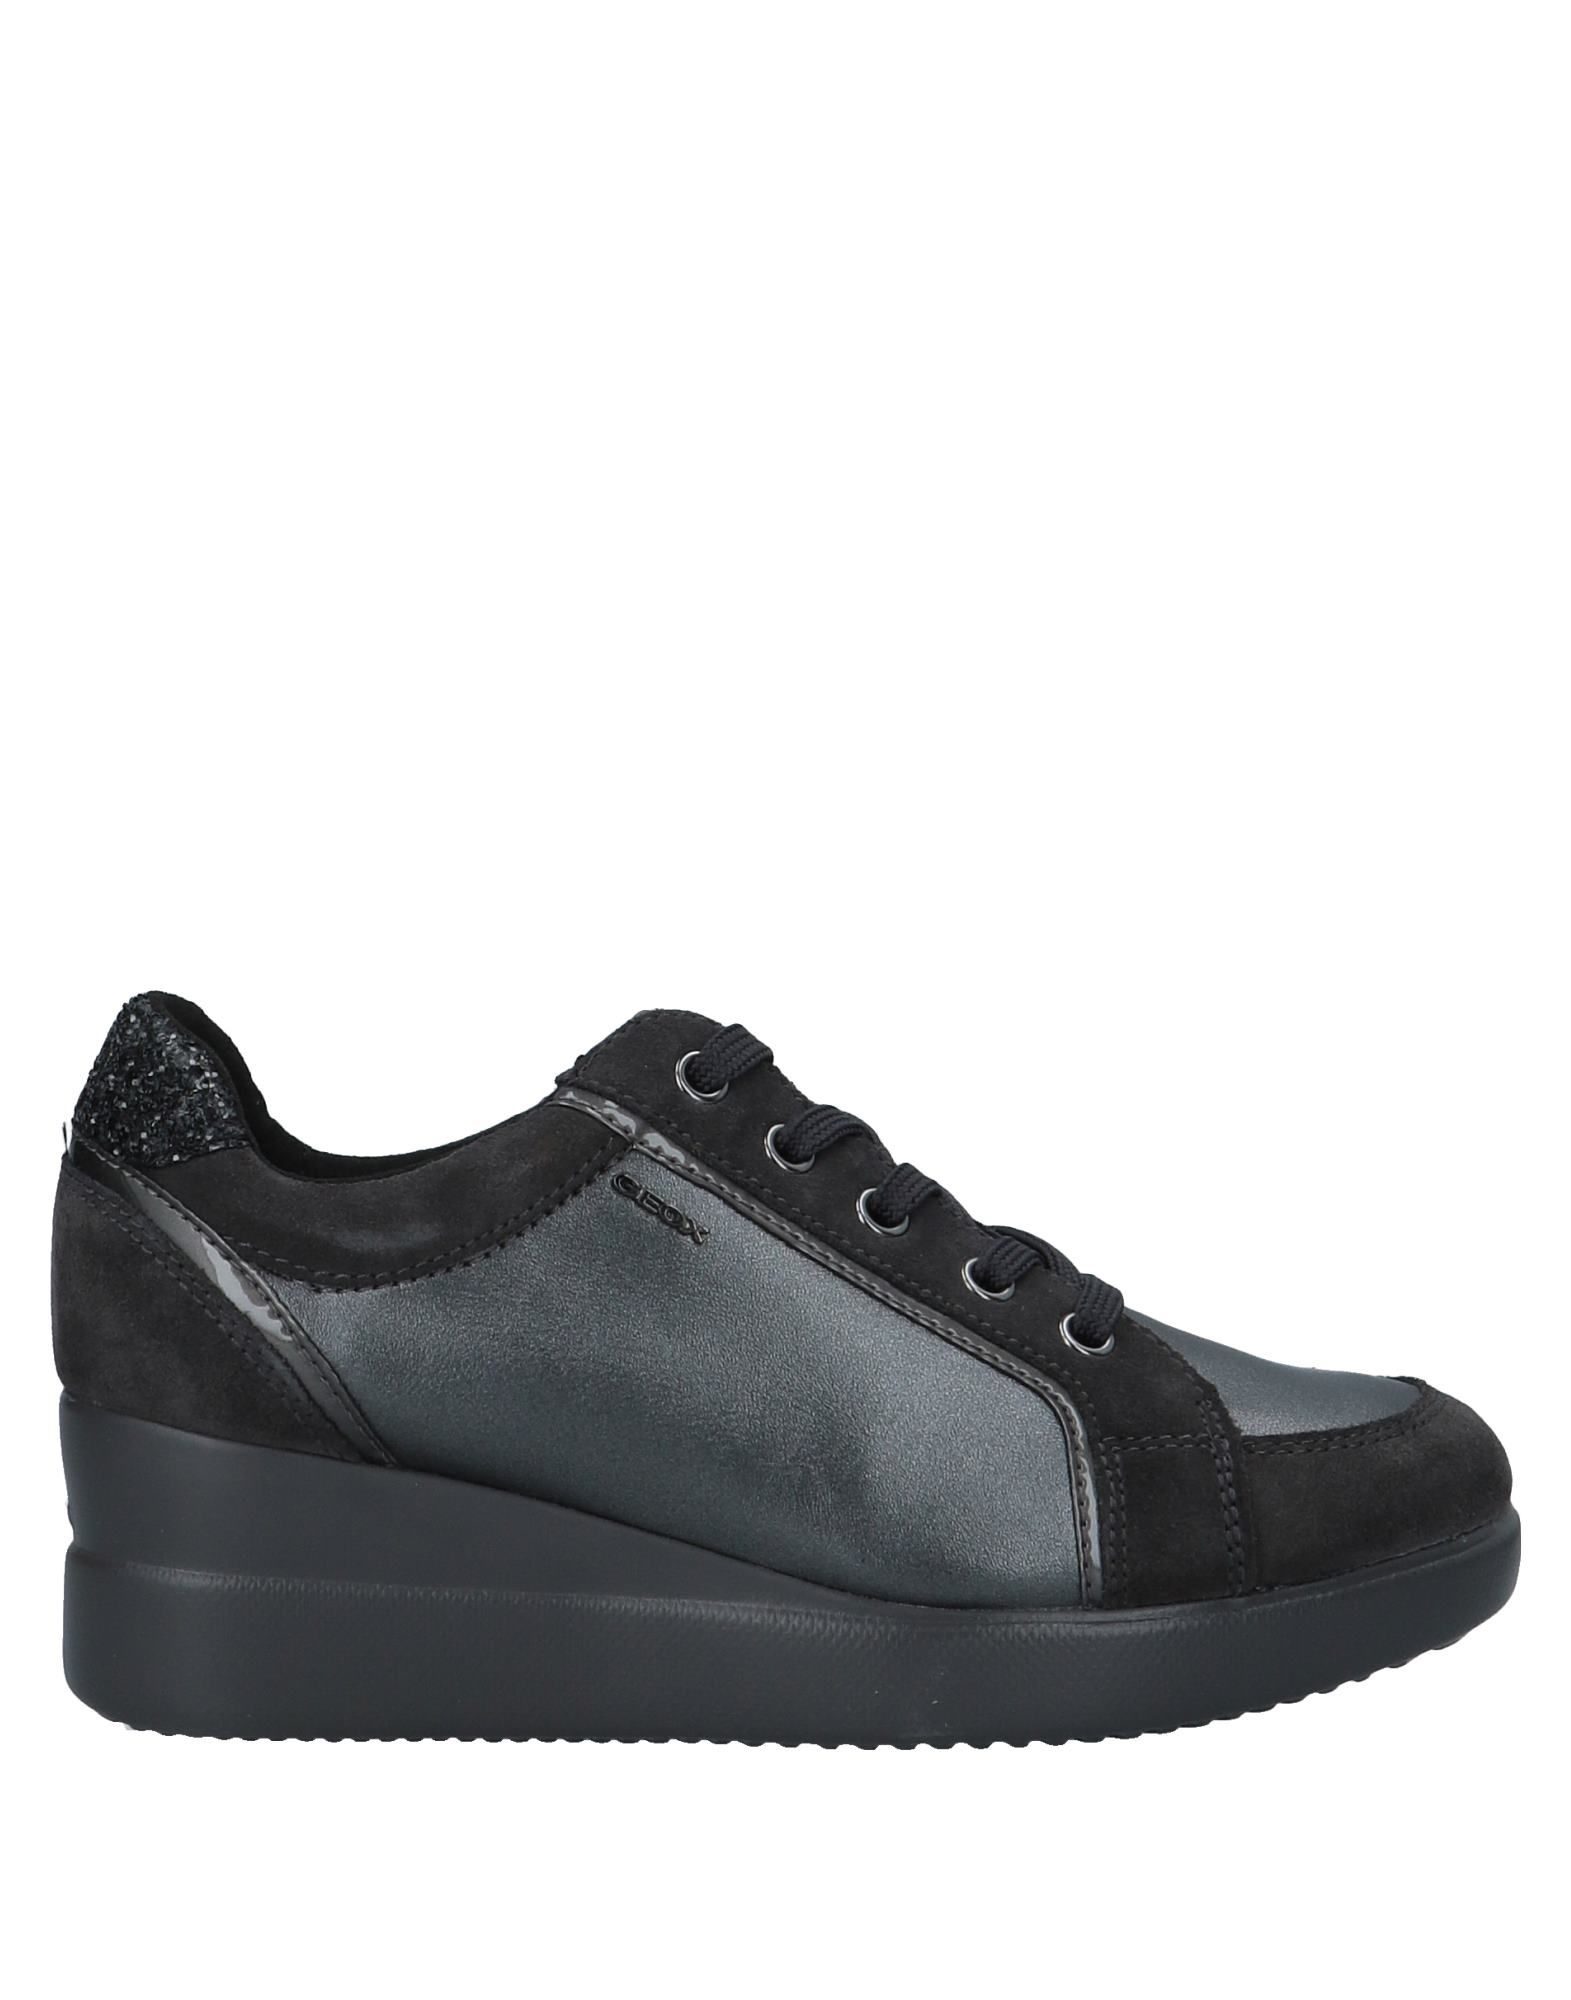 Geox Sneakers Damen  11542320MC 11542320MC 11542320MC Gute Qualität beliebte Schuhe 242423